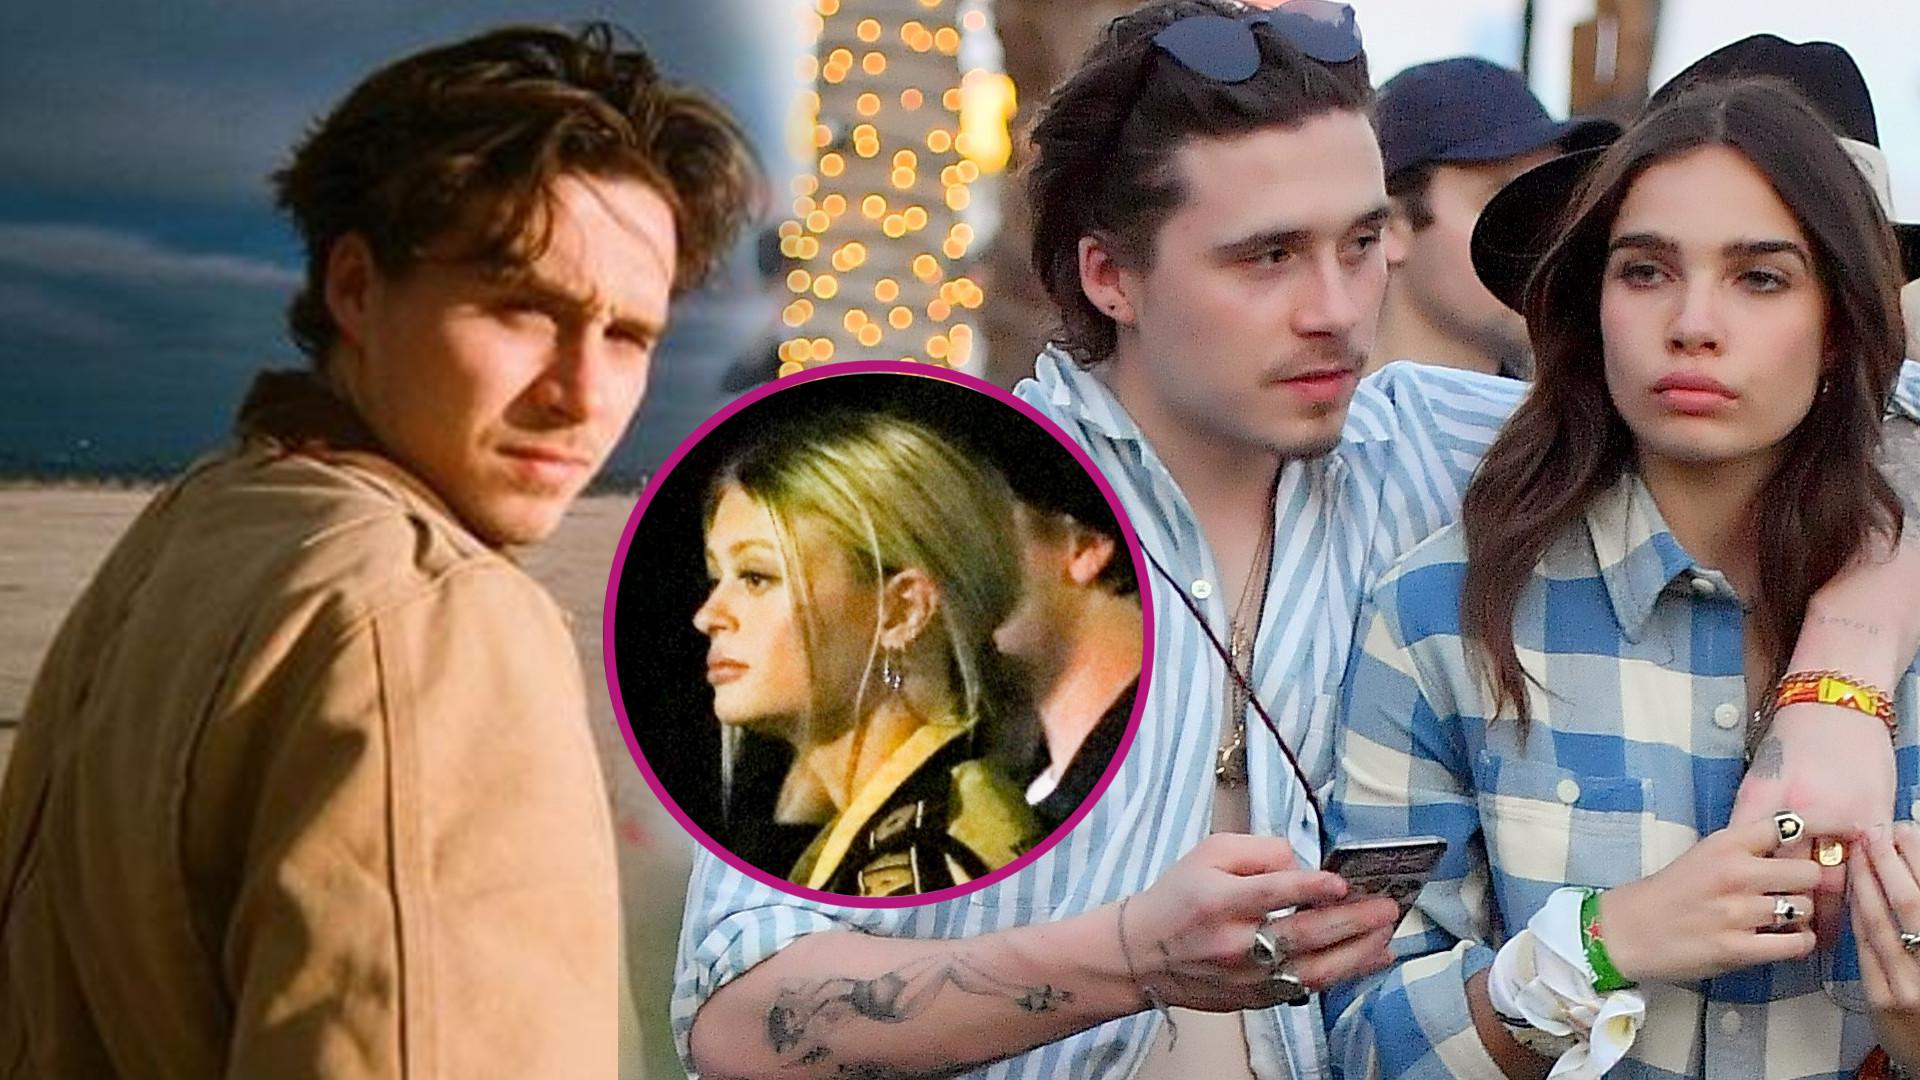 Brooklyn Beckham ma nową dziewczynę? A co z Haną Cross? (ZDJĘCIA)